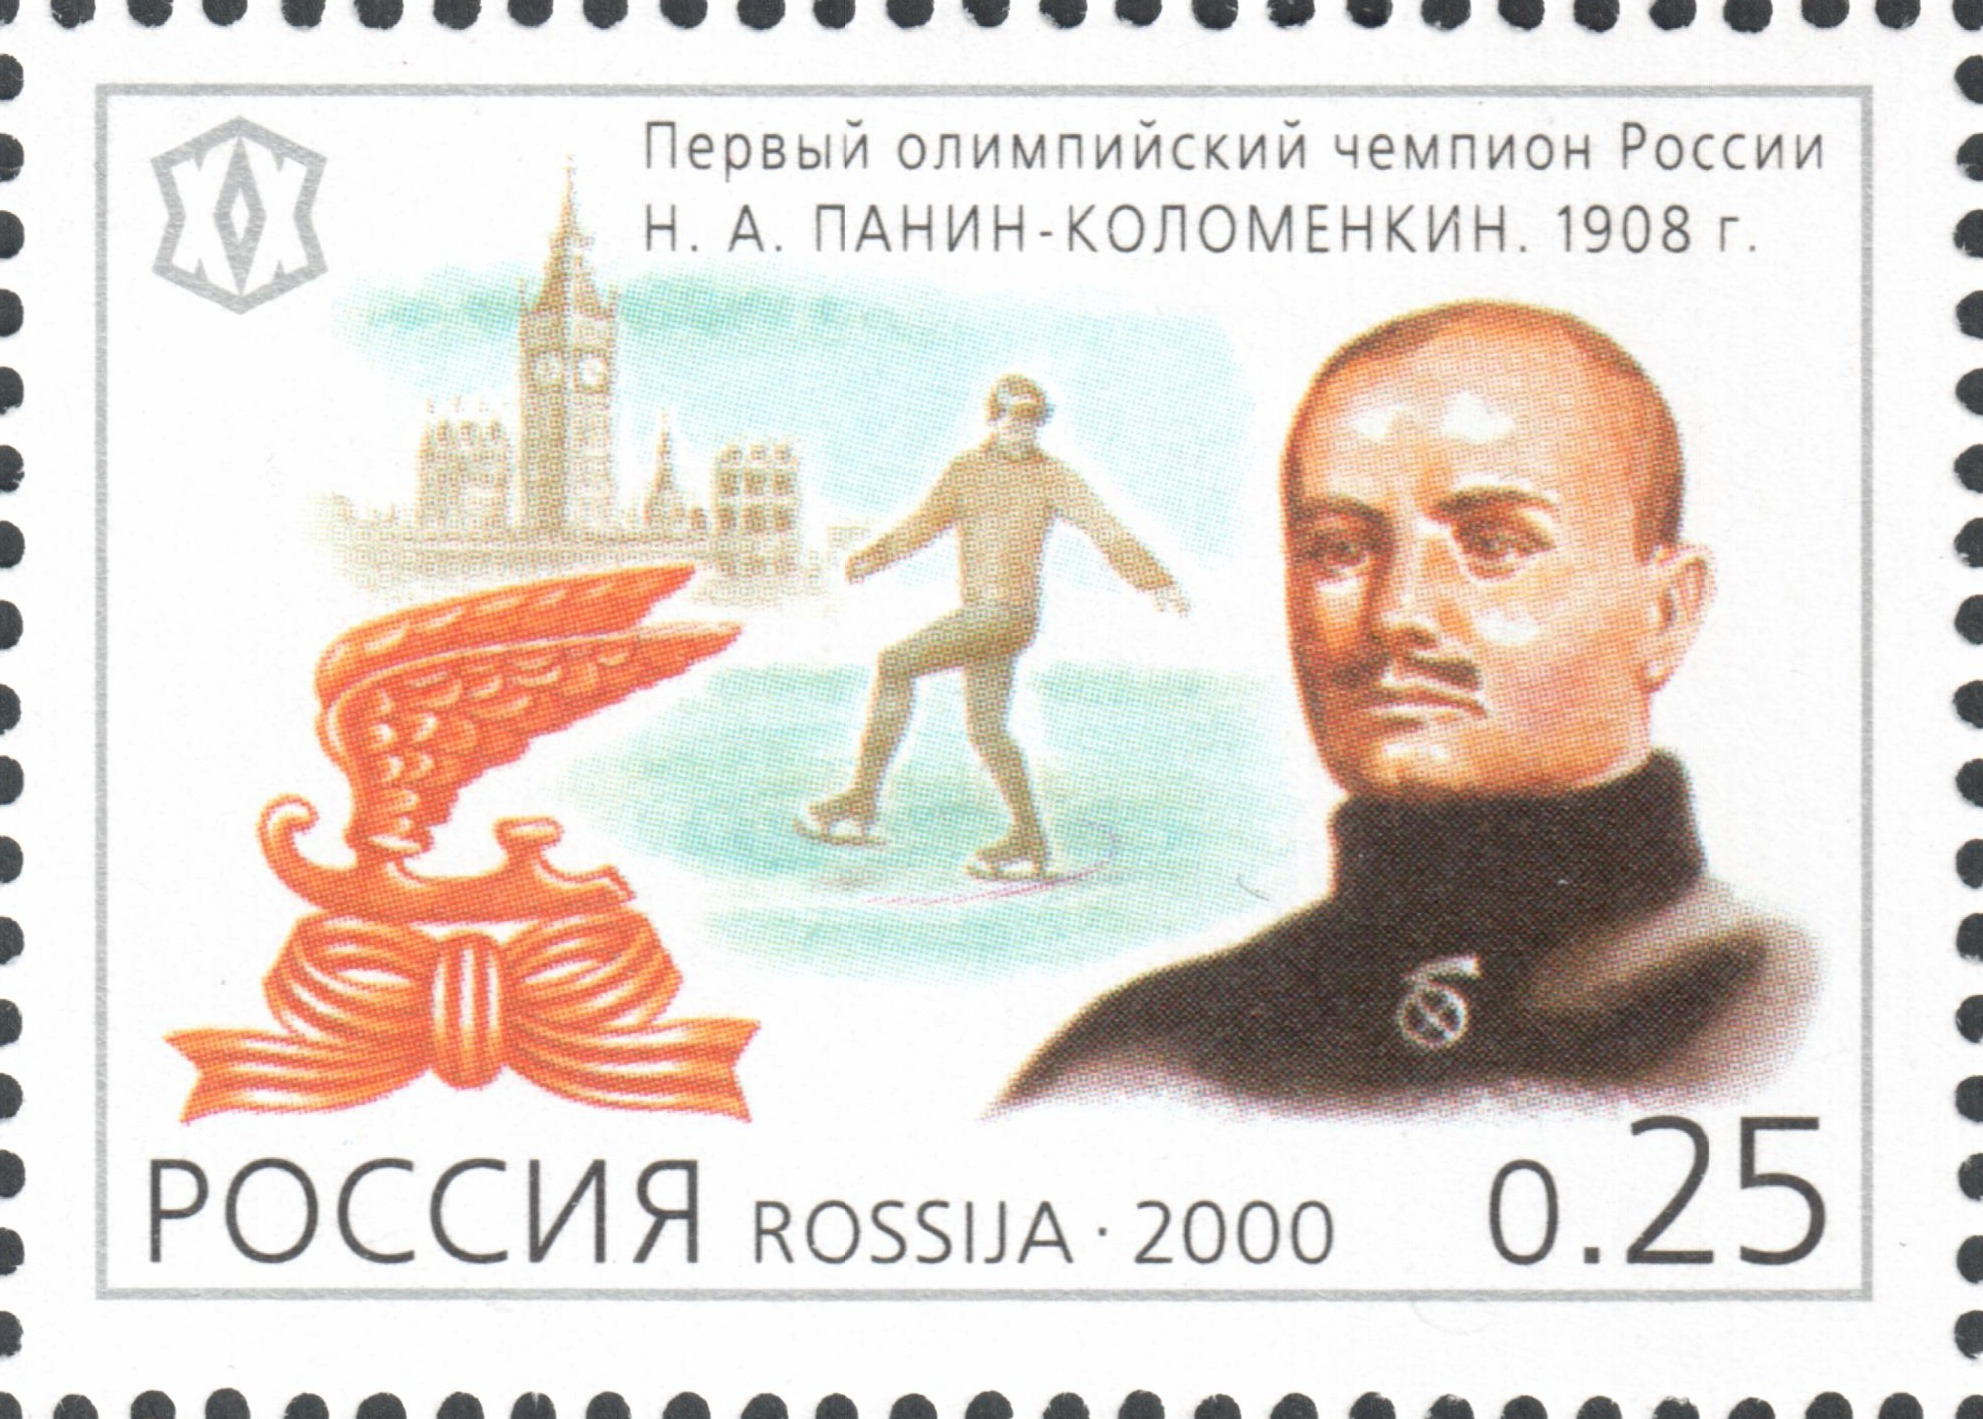 Первый олимпийский чемпион России Николай Александрович Панин-Коломенкин